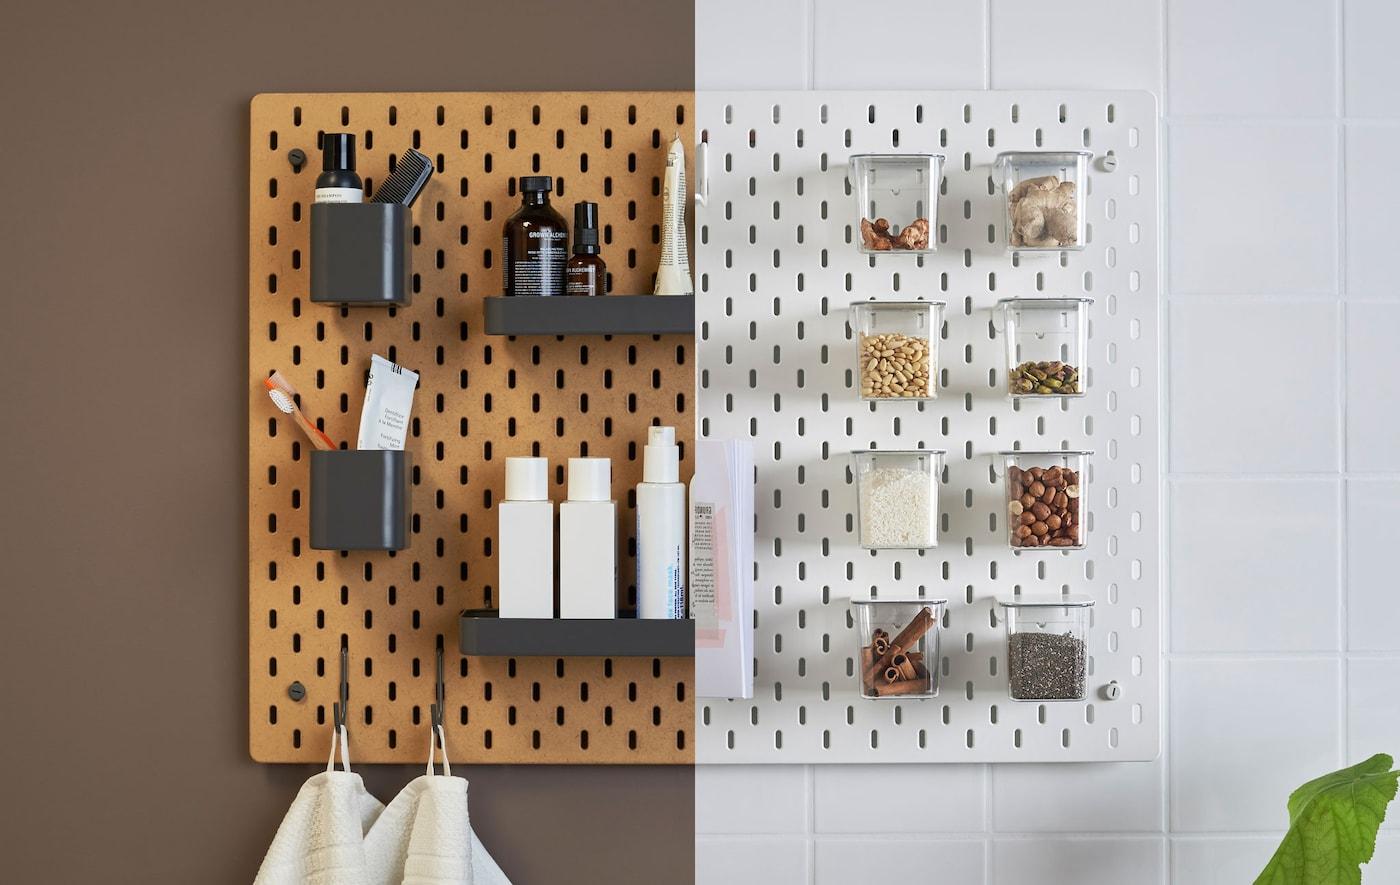 Billede, side om side, af en brun opbevaringstavle i et badeværelse og en hvid opbevaringstavle i et køkken